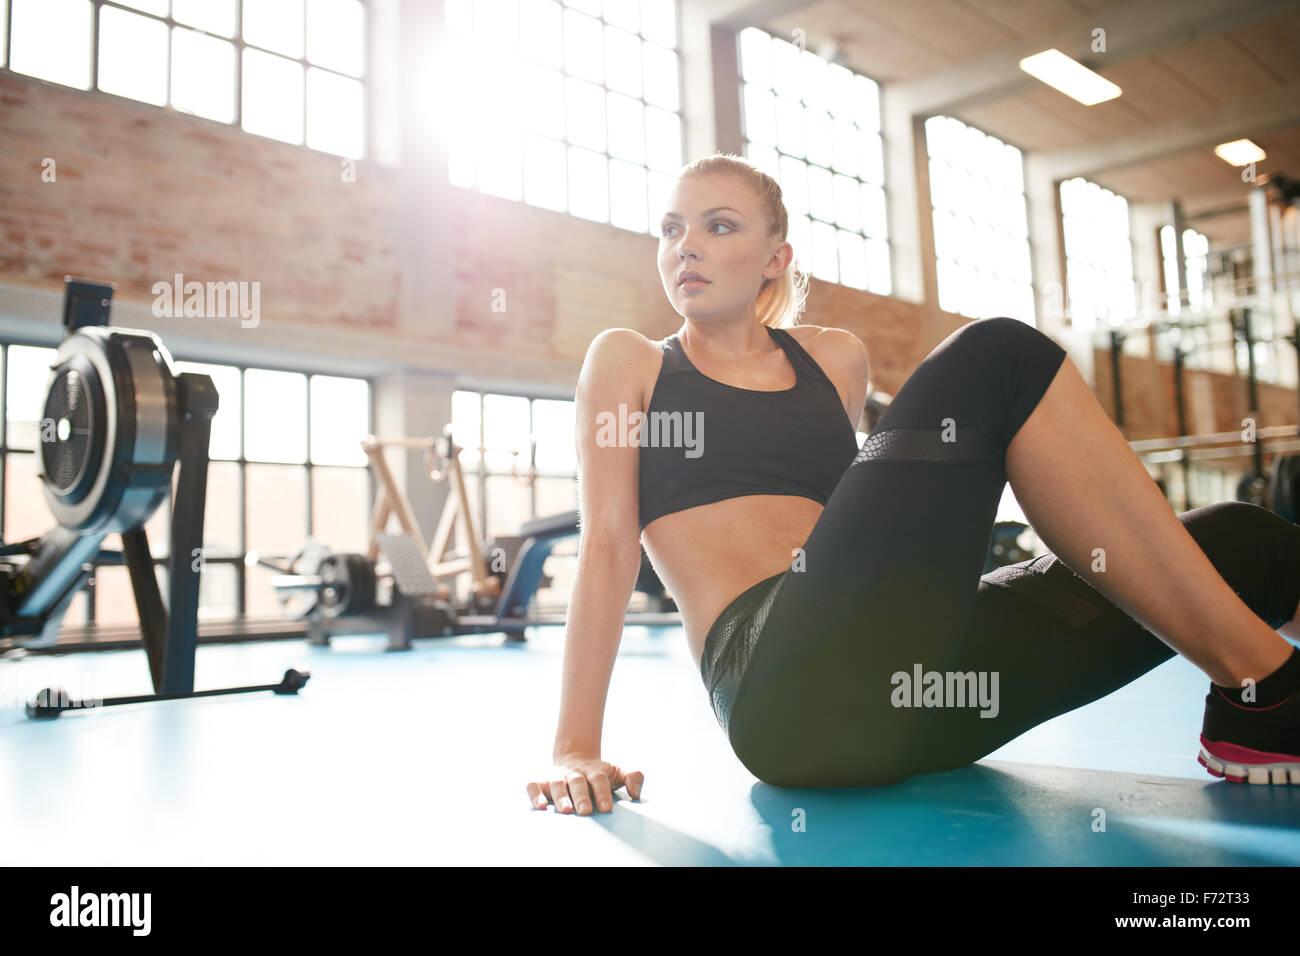 Filmación en interiores de una mujer joven que tiene una interrupción en el gimnasio. Fitness femenino Imagen De Stock